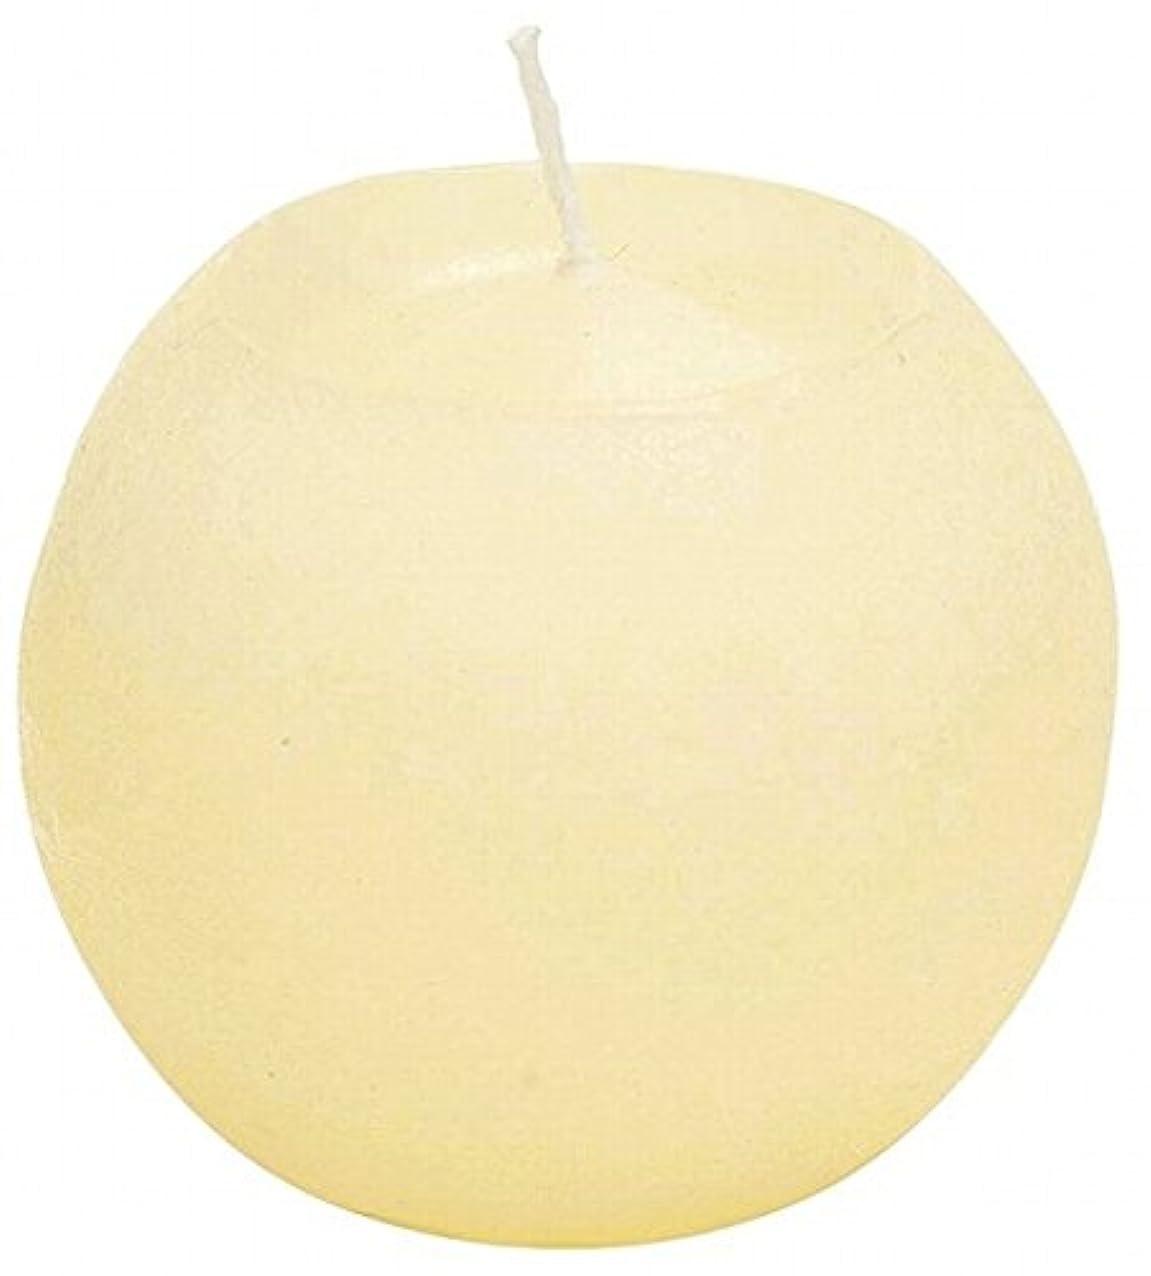 狂った緑カッターヤンキーキャンドル( YANKEE CANDLE ) ラスティクボール100 「 アイボリー 」